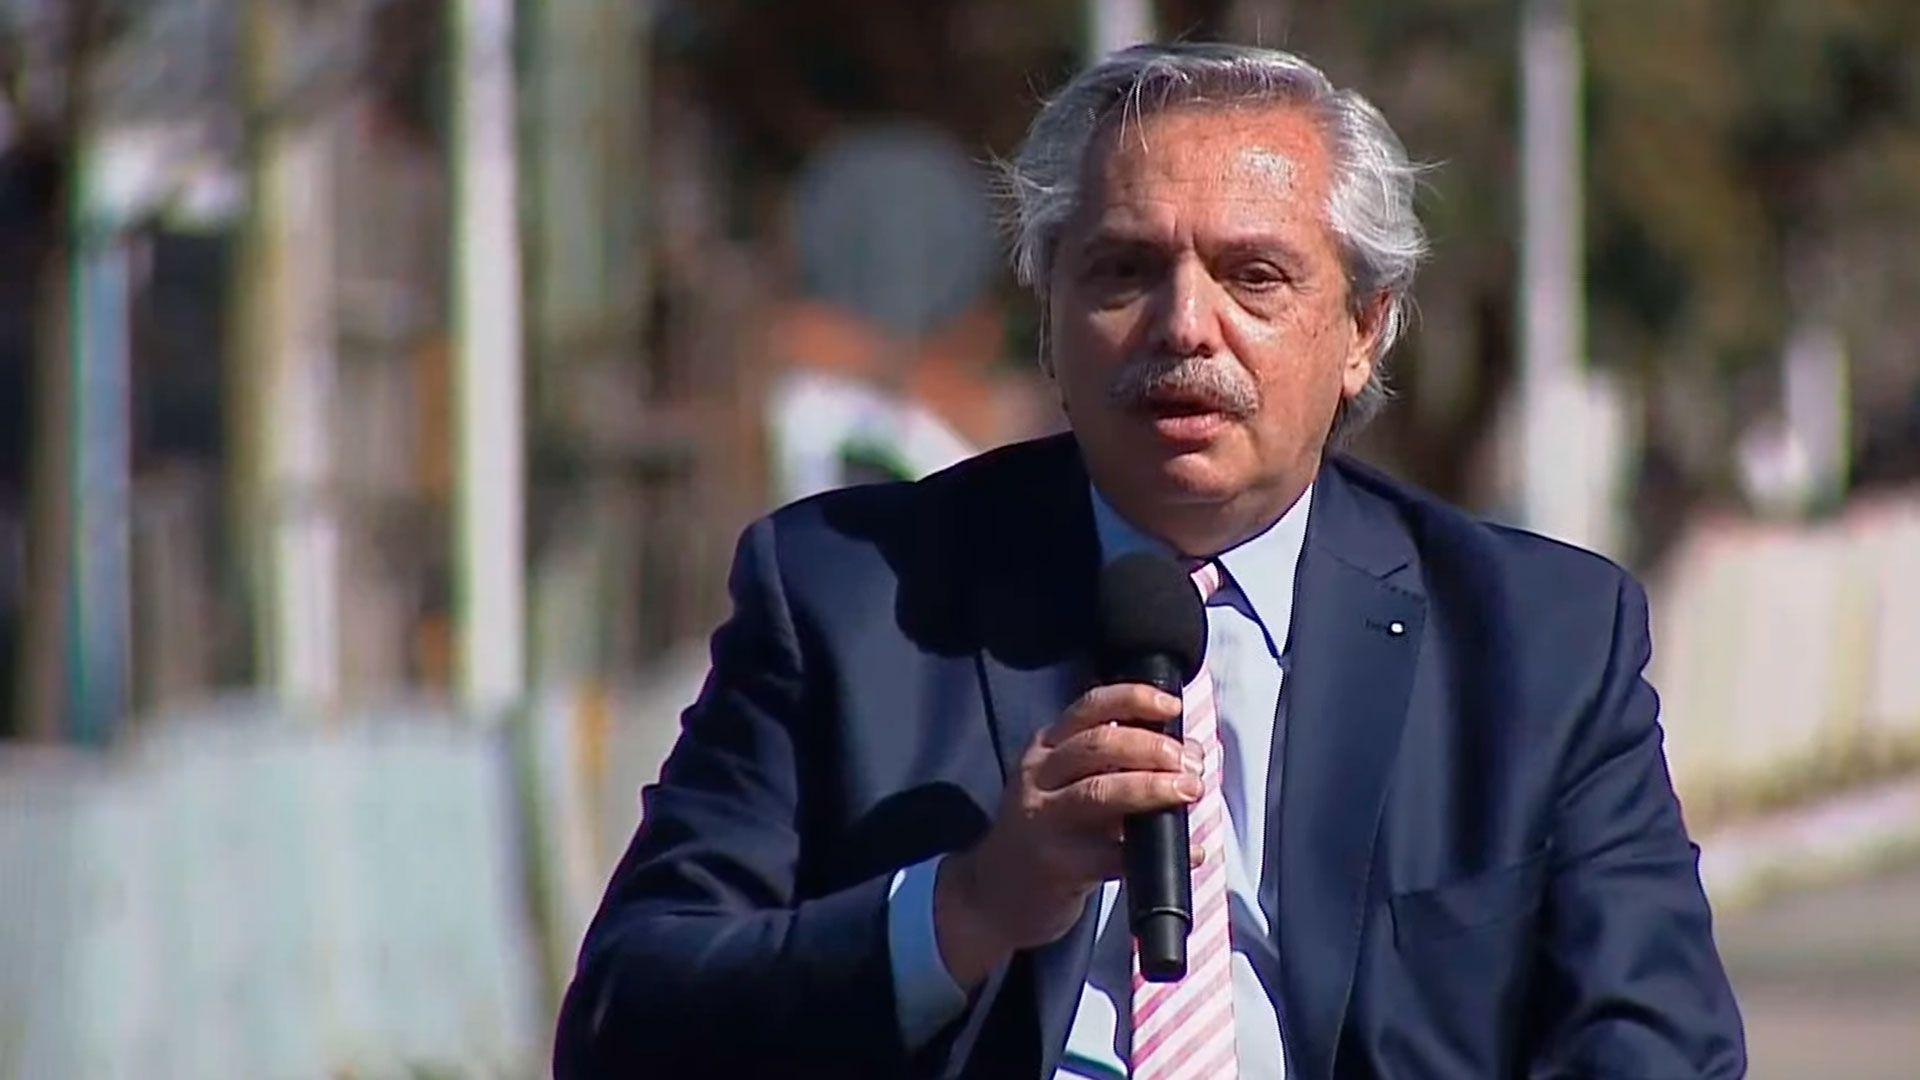 Alberto Fernández -El Presidente inaugura 100 obras públicas en simultáneo en todo el país